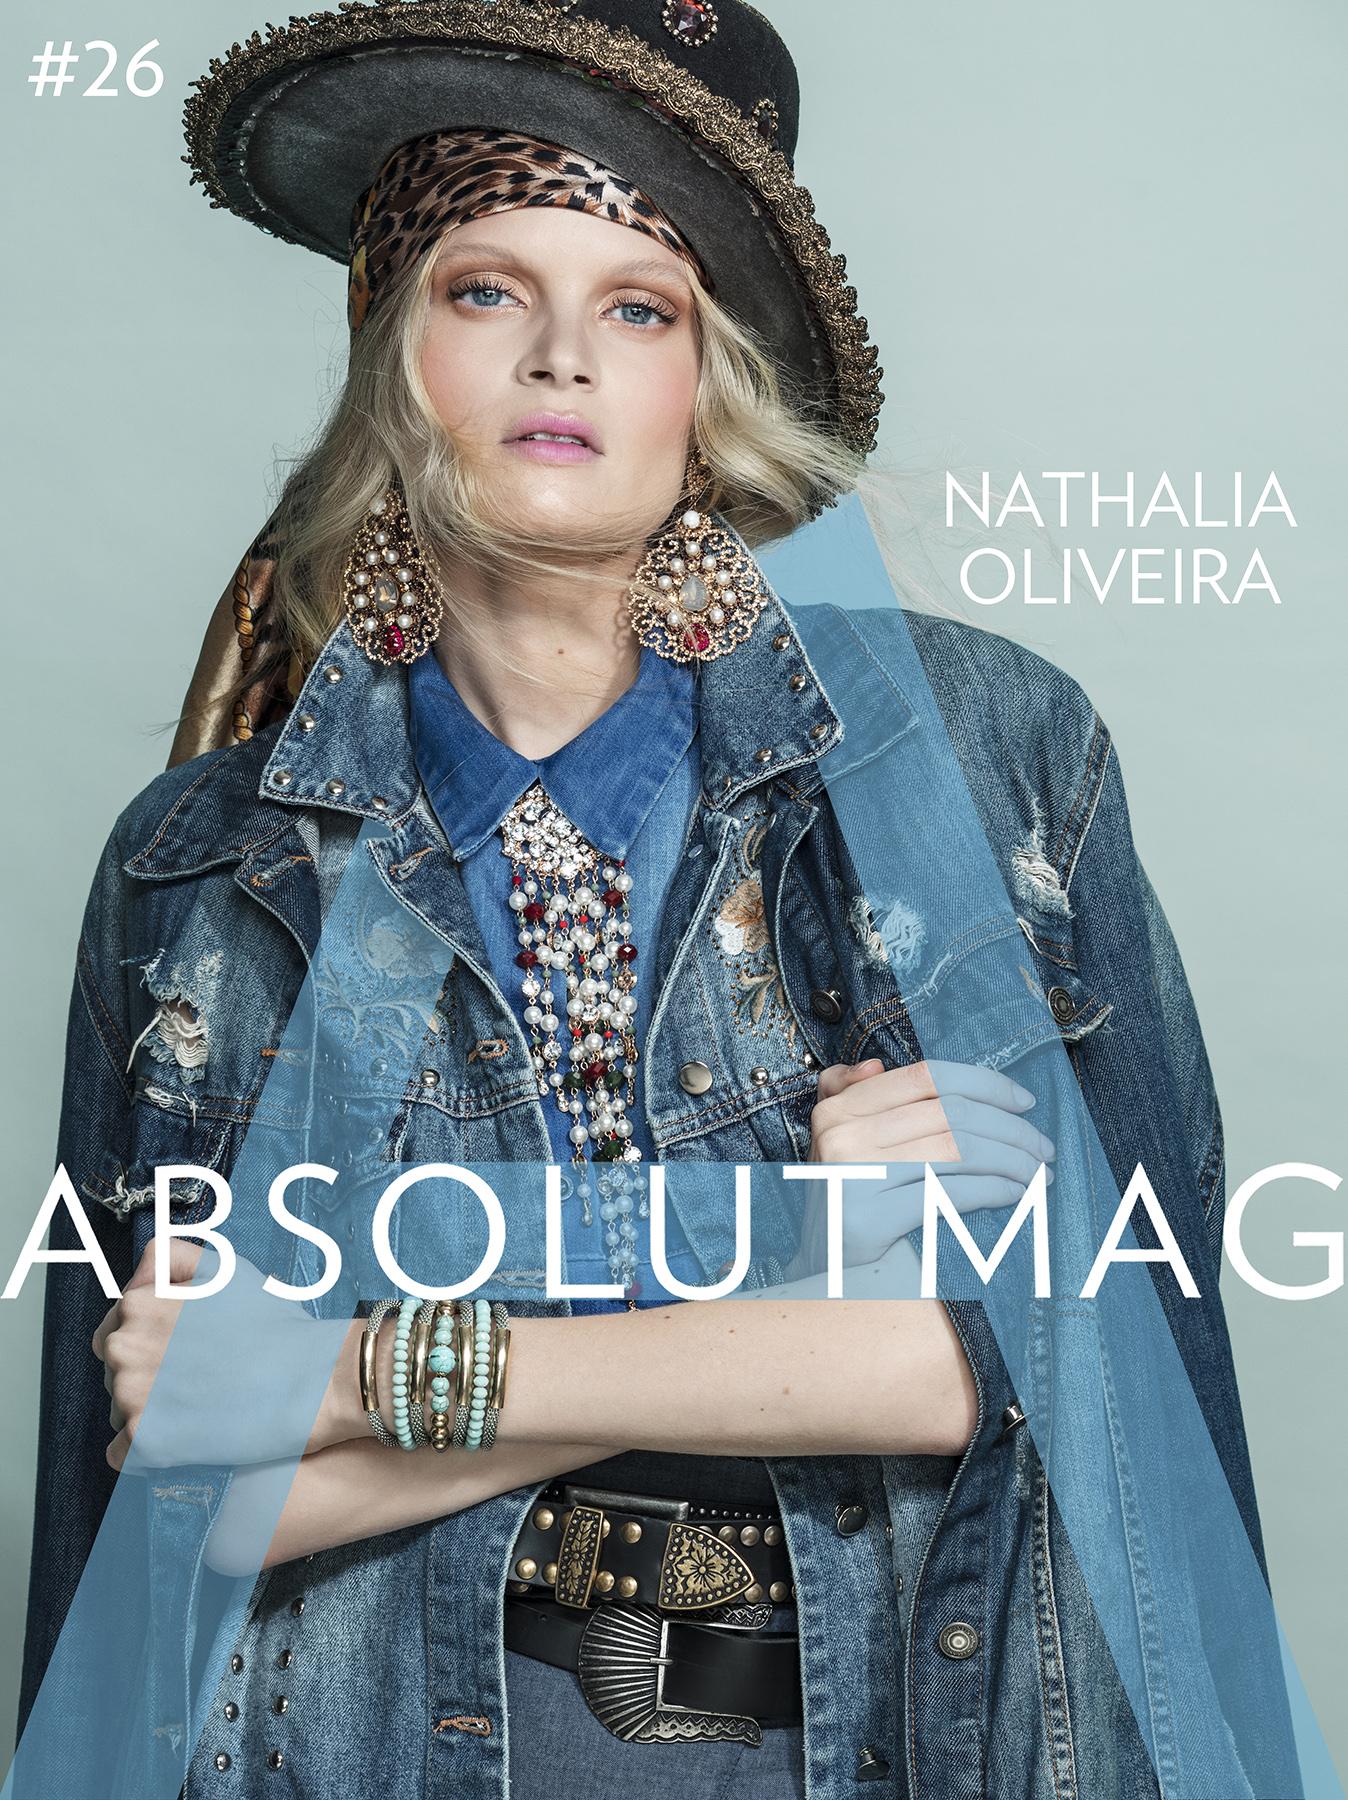 Nathalia Oliveira – Dress Code Western